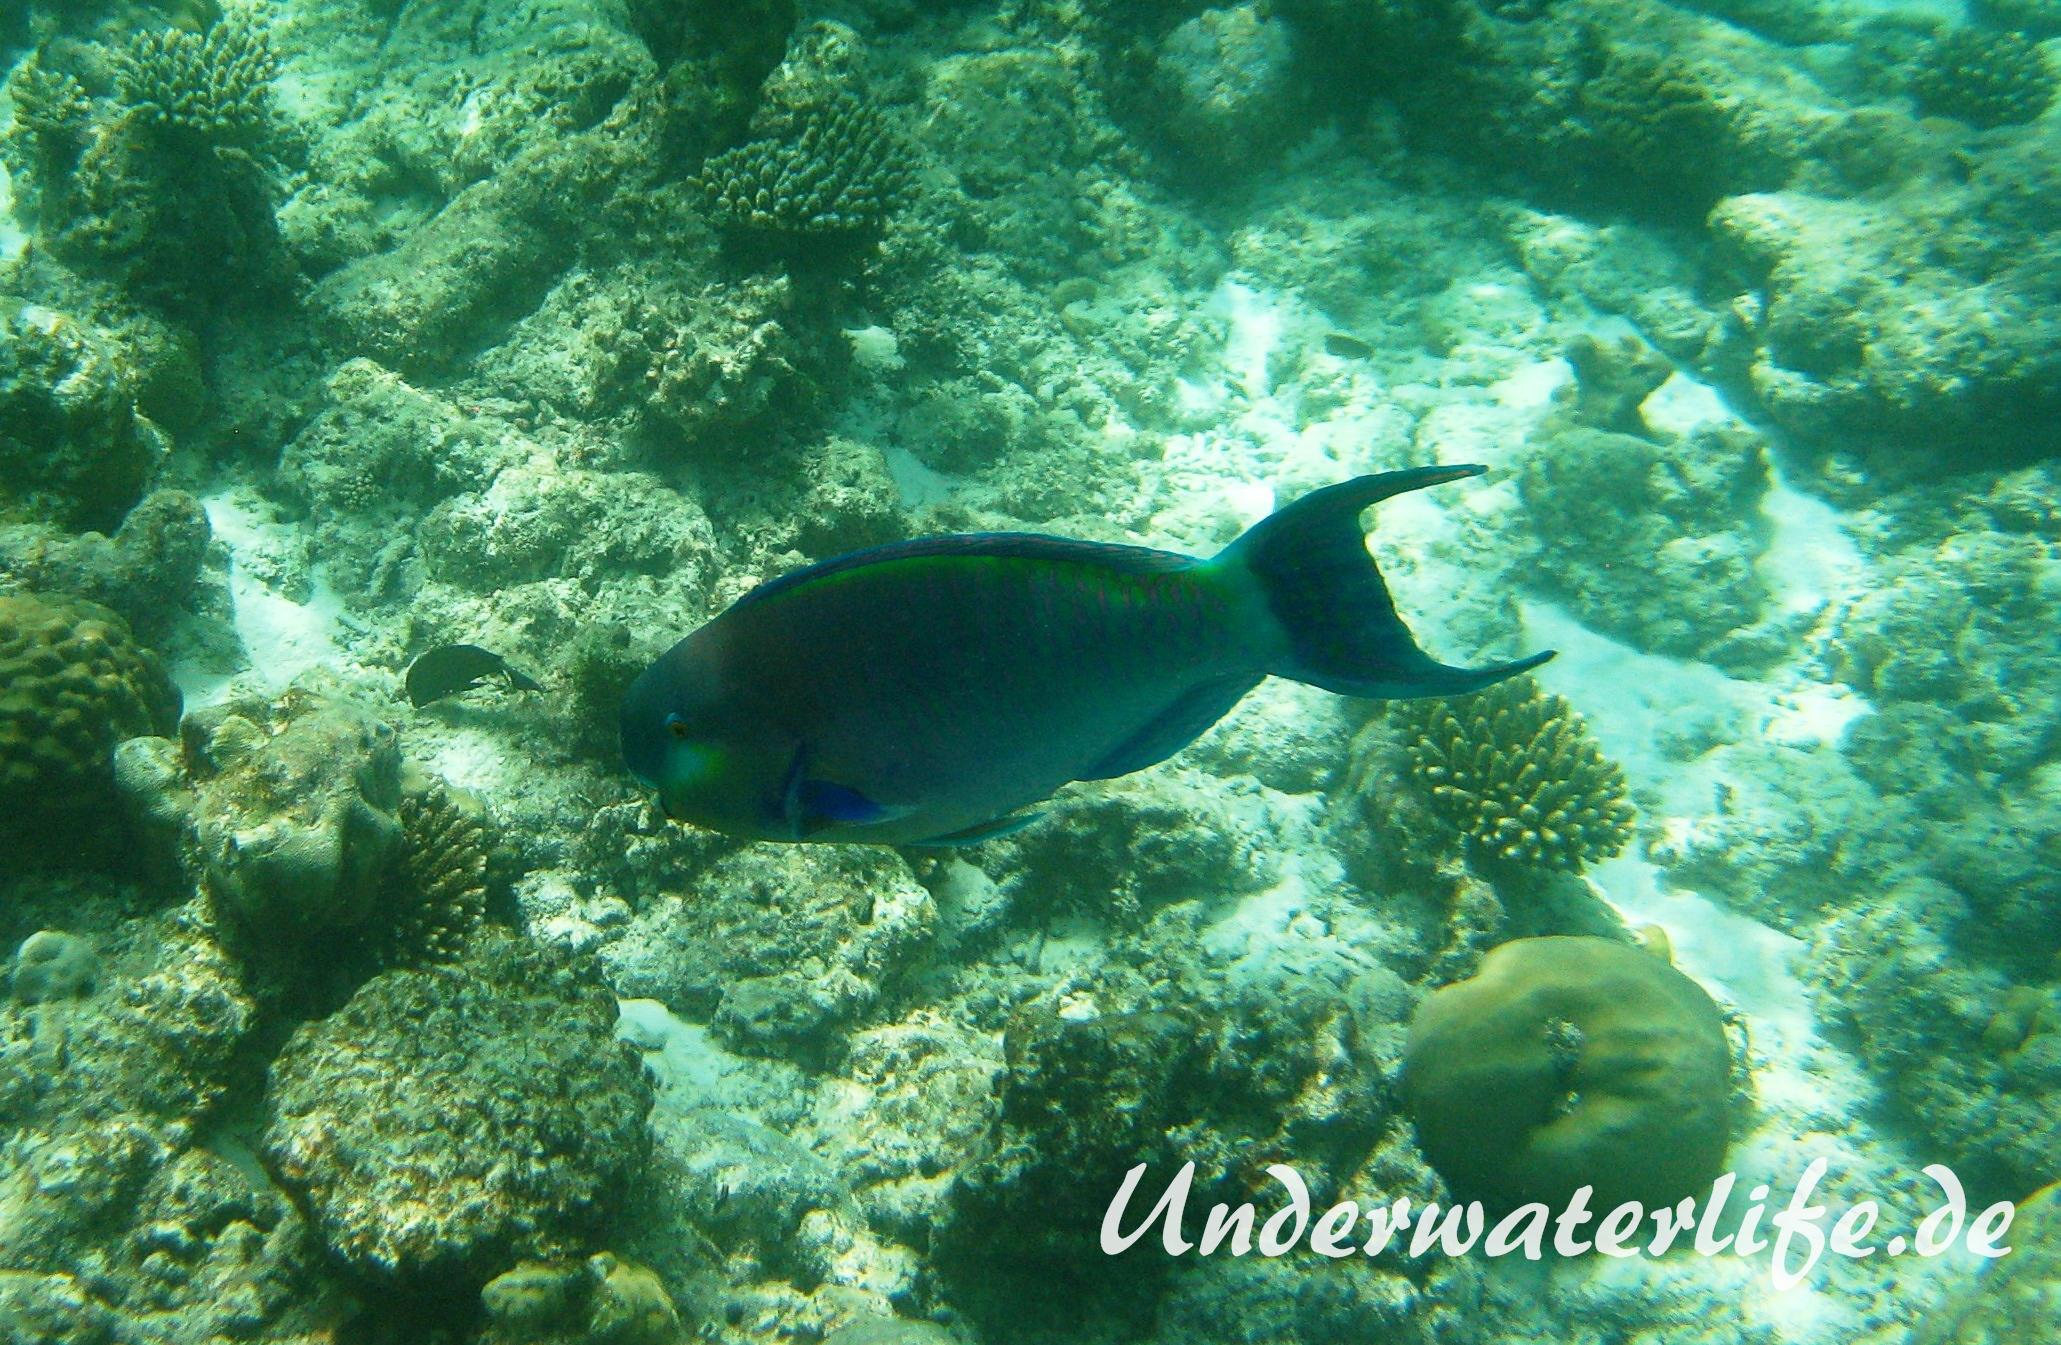 Indischer-Buckelkopfpapageifisch_adult-Maennchen-Malediven-2013-015